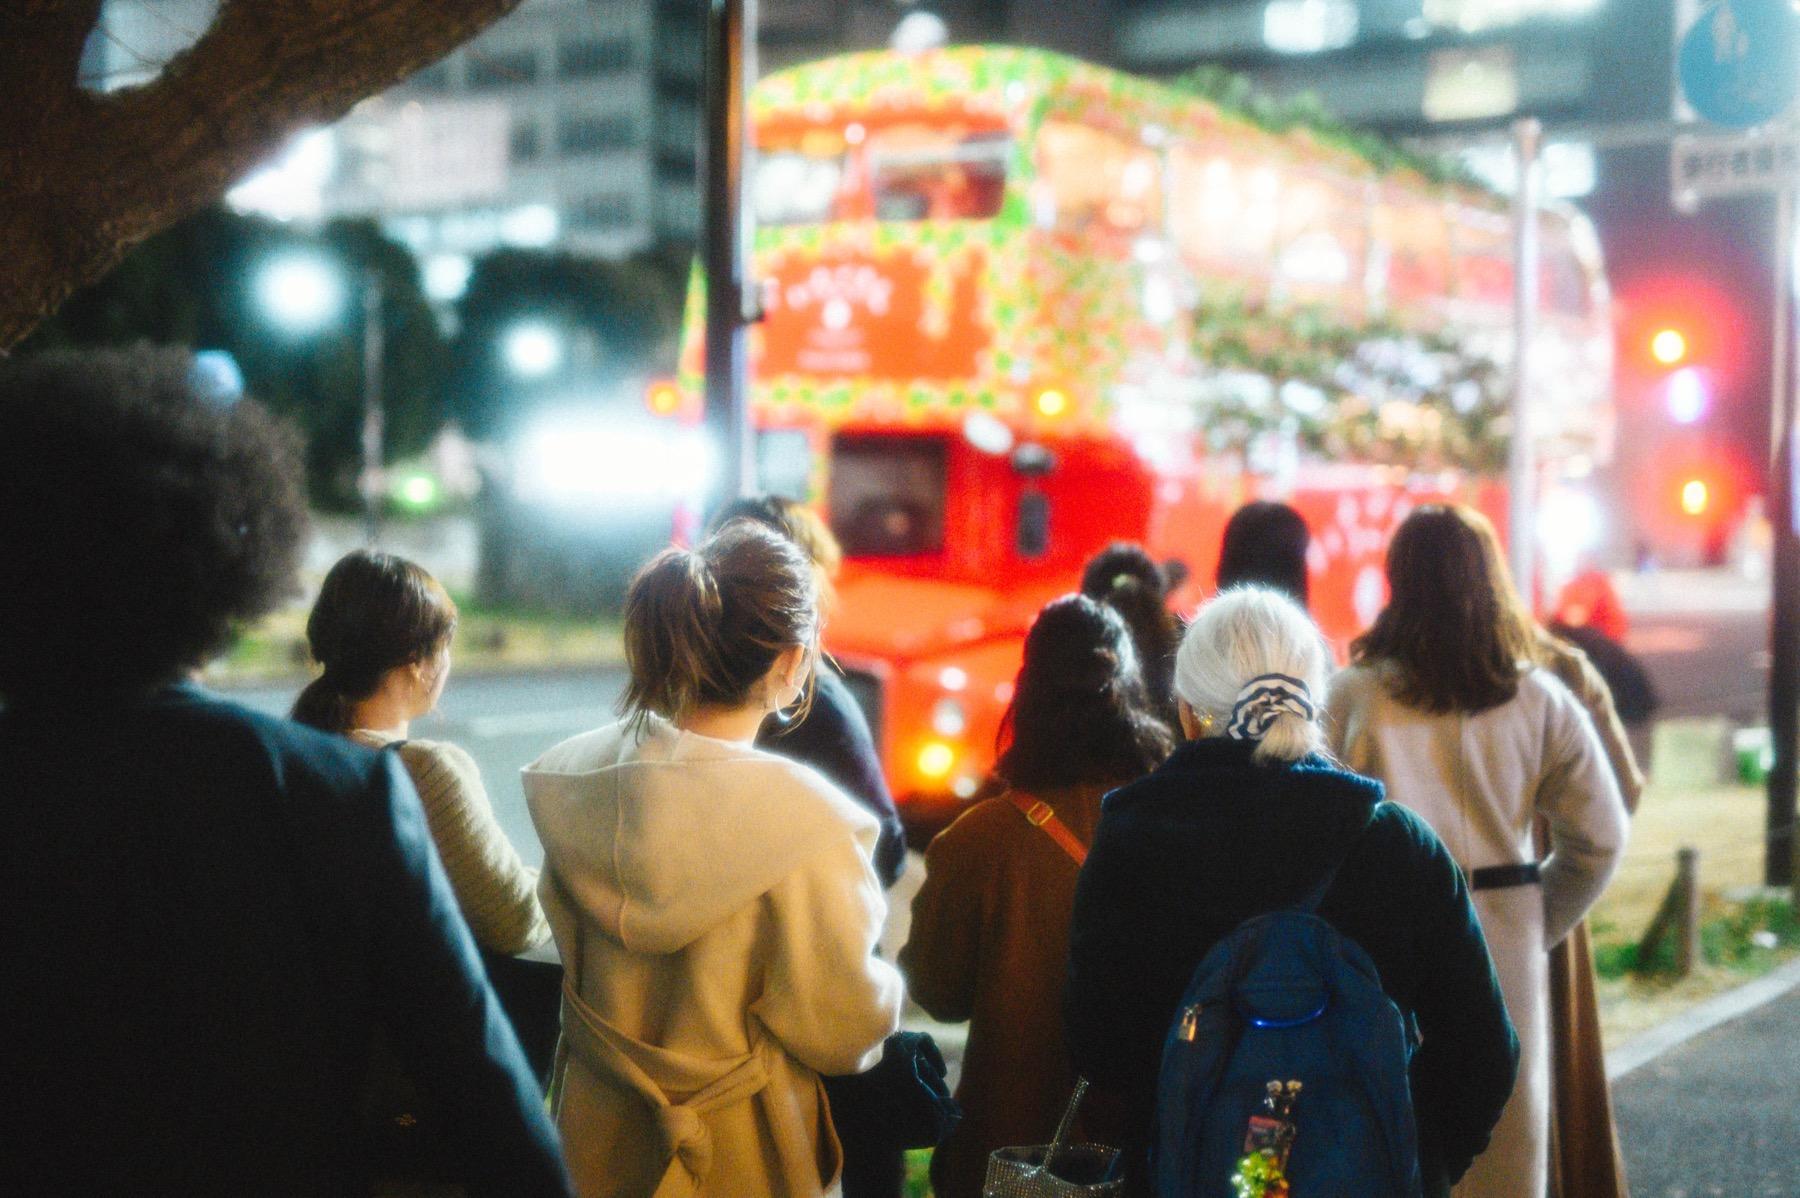 200114_いちごさんバス_sct16 - 9 / 20